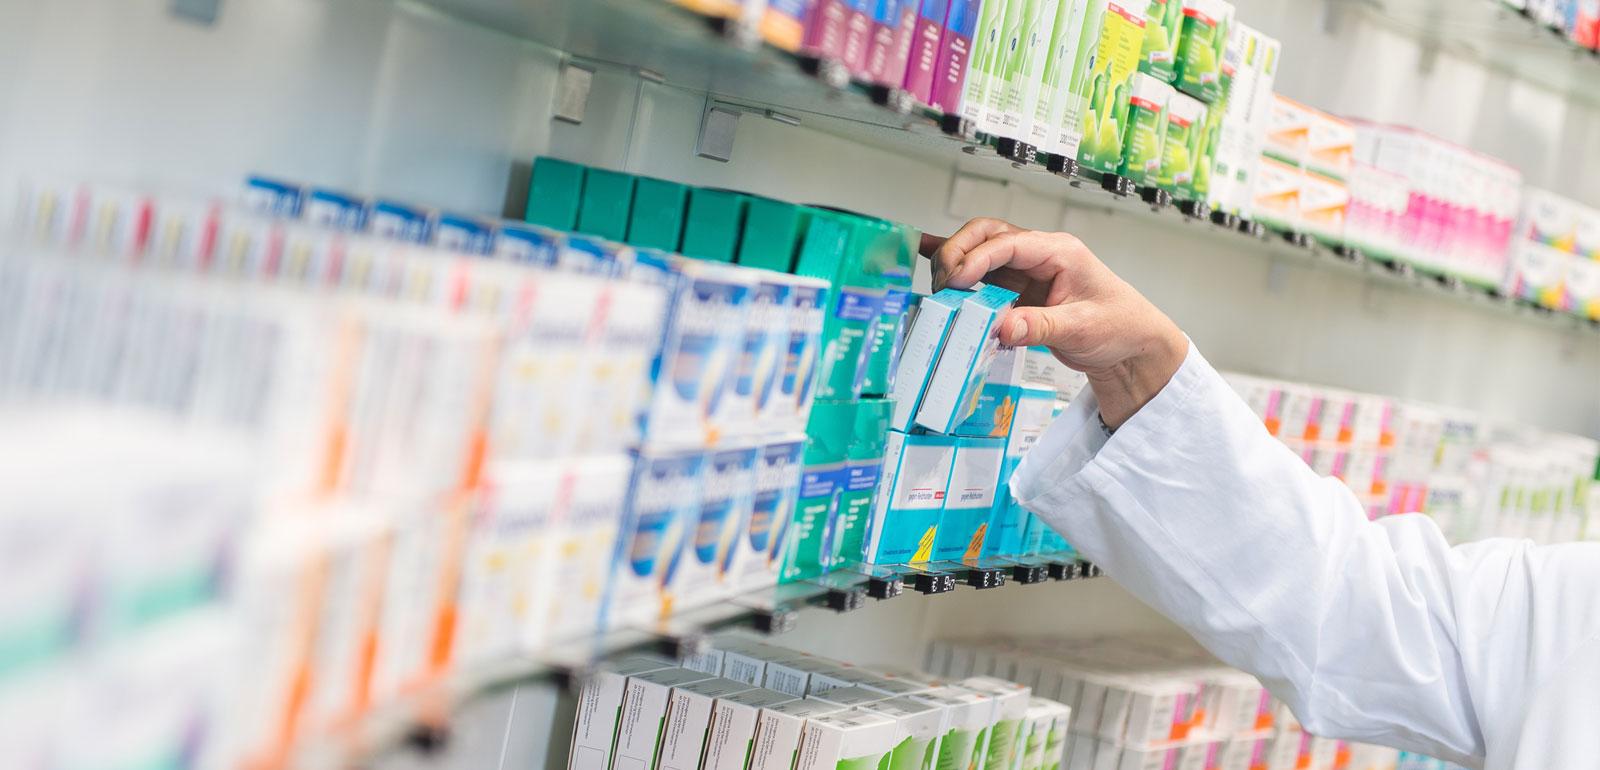 PharmaRisk® Apothekenversicherung | Die AllRisk-Police für Apotheken | www.pharmarisk.de | Deutschland | Der Versicherungs-Check - Betriebliche Versicherungen | Apothekenberatung